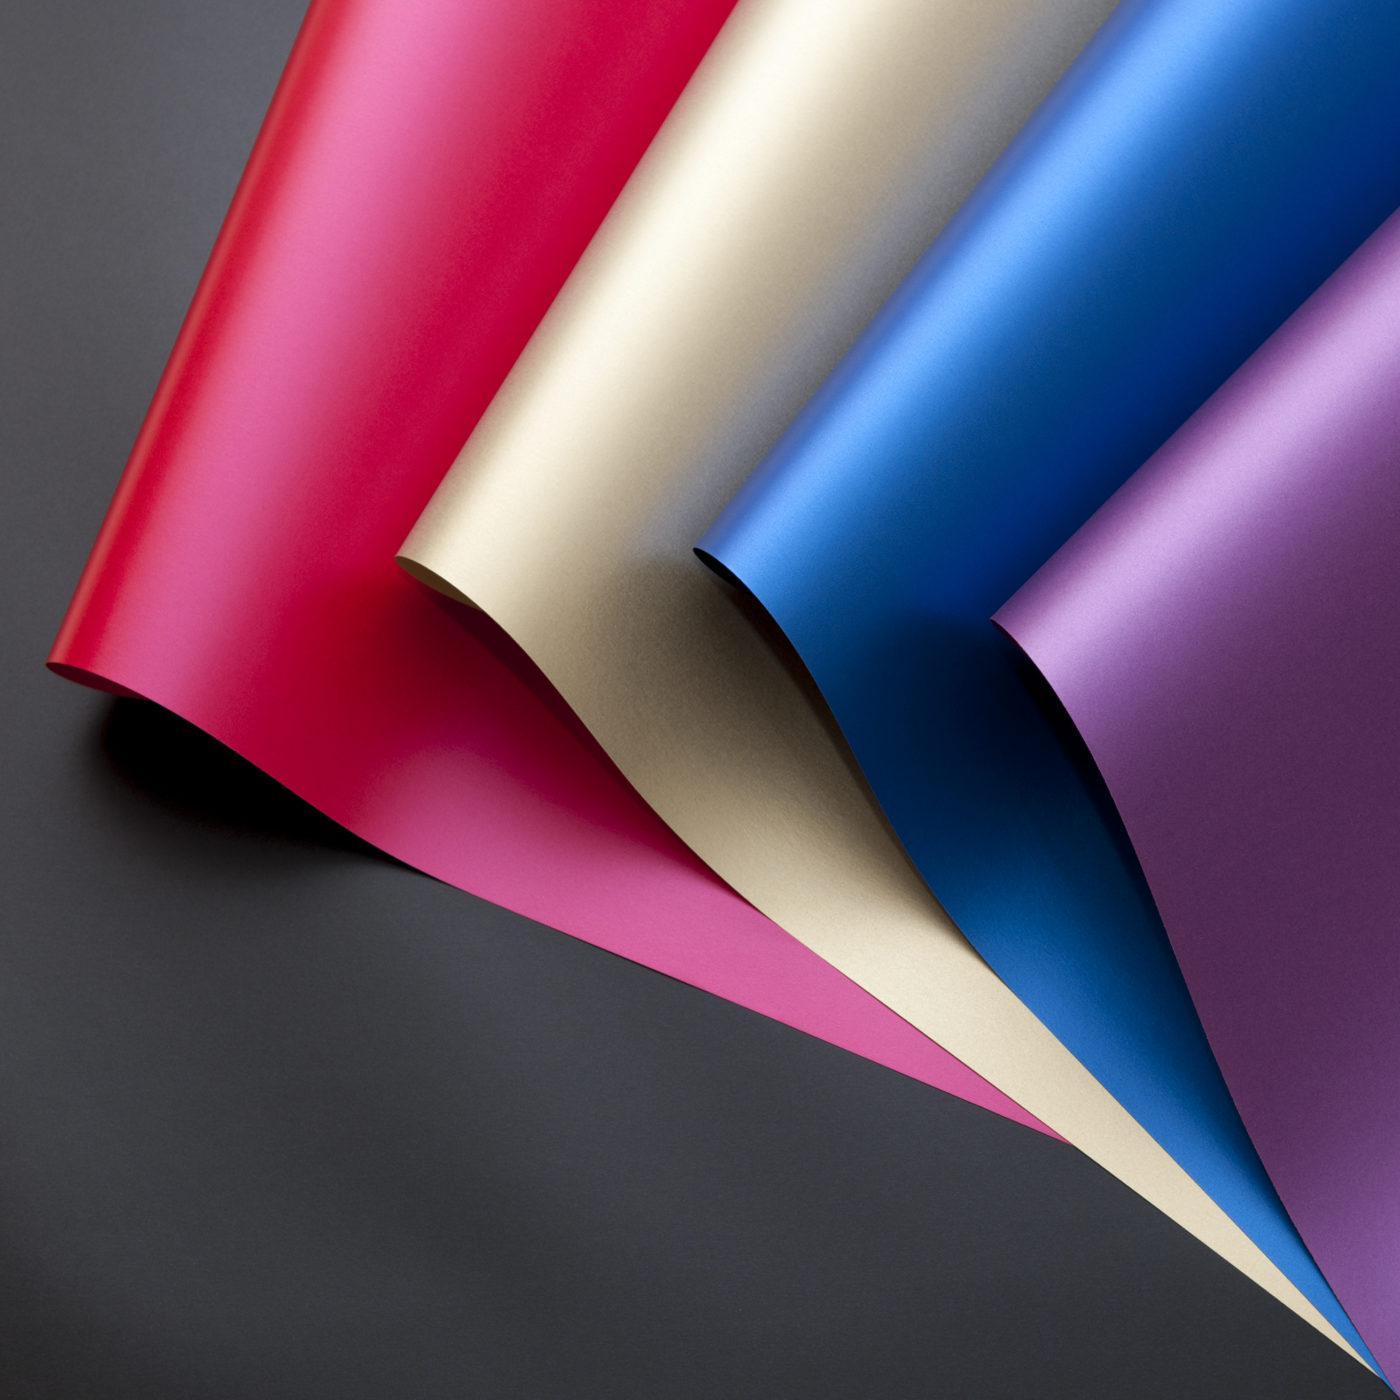 Được làm từ sợi tơ lụa không chứa Clo. Mịn màng một cách quyến rũ.